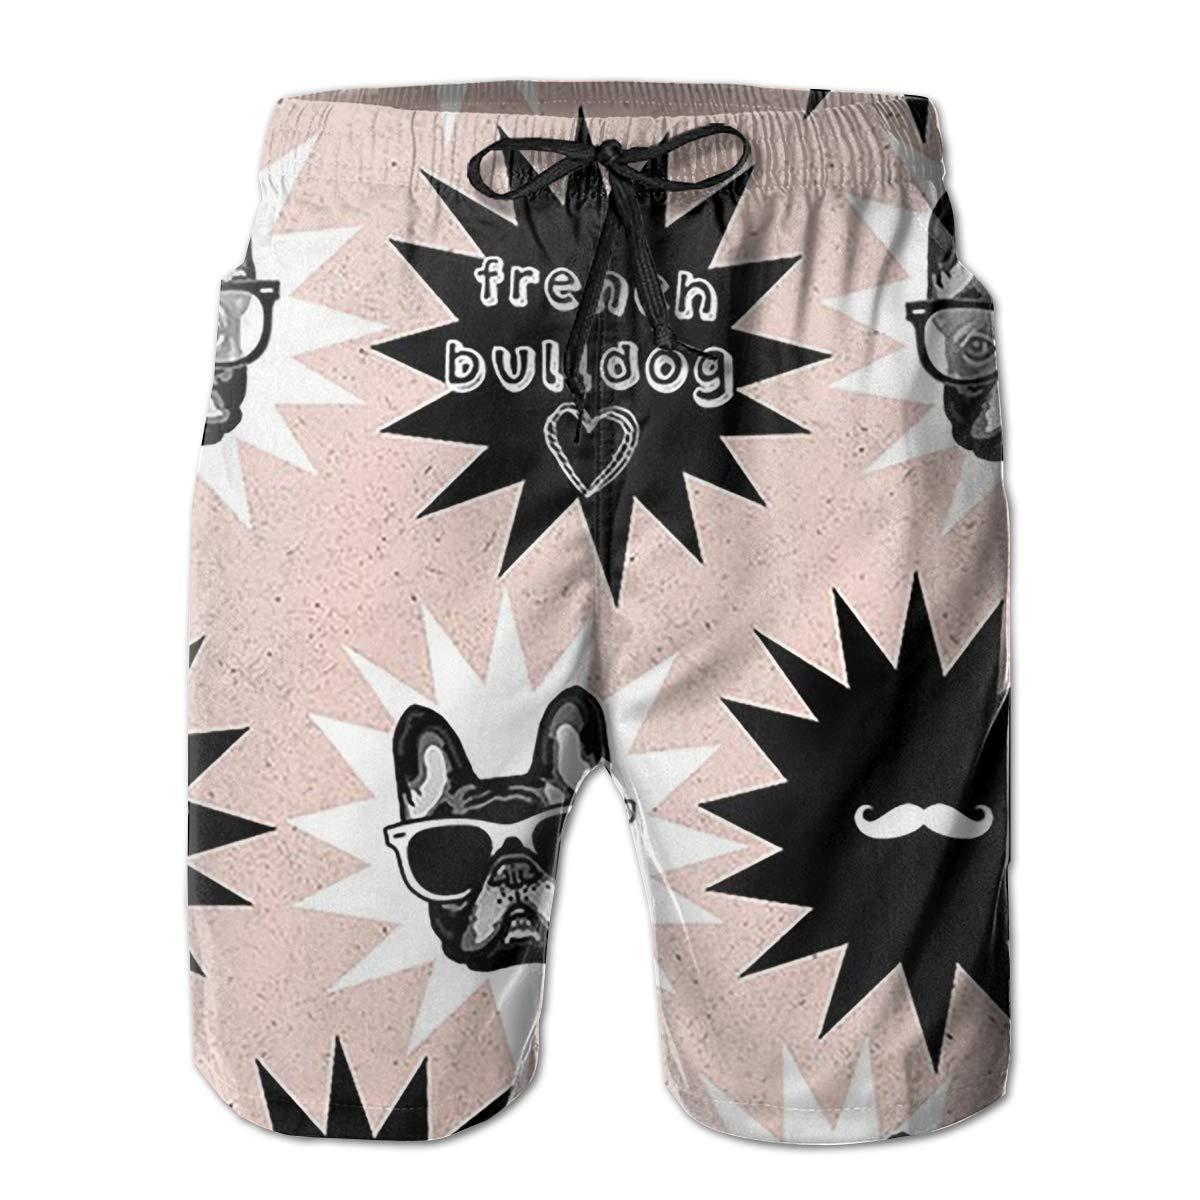 French Bulldog Art Digital Funny Swim Trunks Quick Dry Beachwear Sports Running Swim Board Shorts Mesh Lining